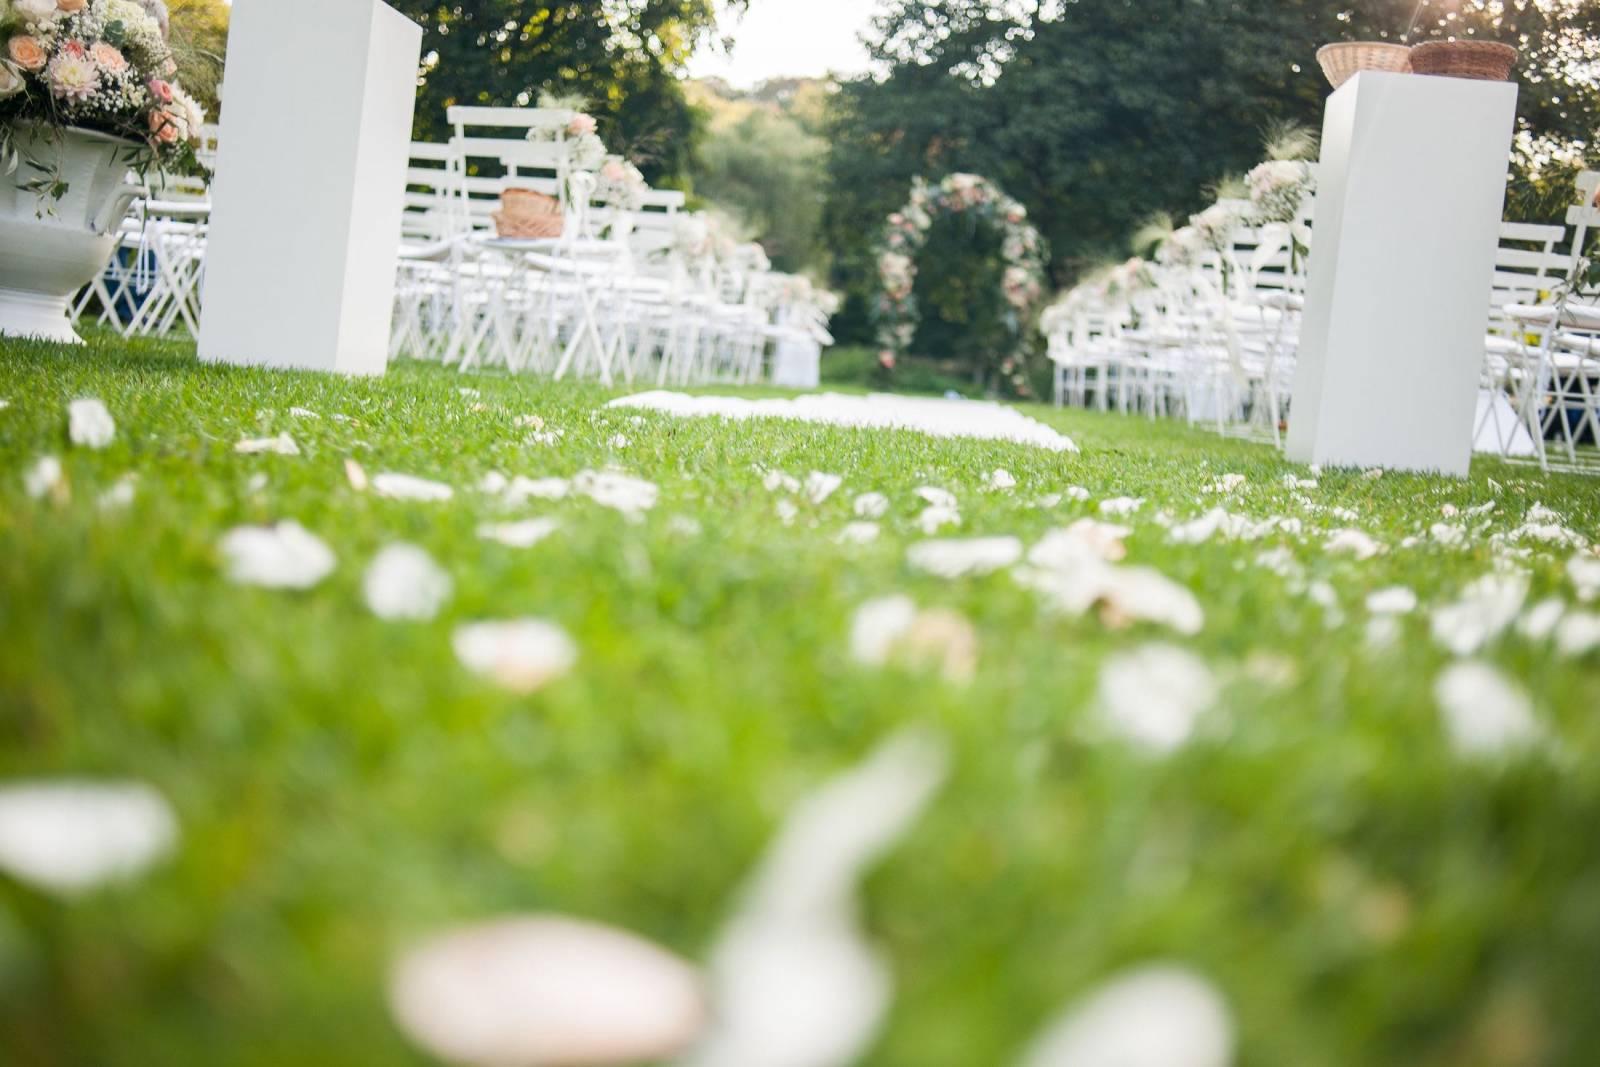 Floral Artists - Bloemen huwelijk trouw bruiloft - Bruidsboeket - Bloemendecoratie - House of Weddings - 21